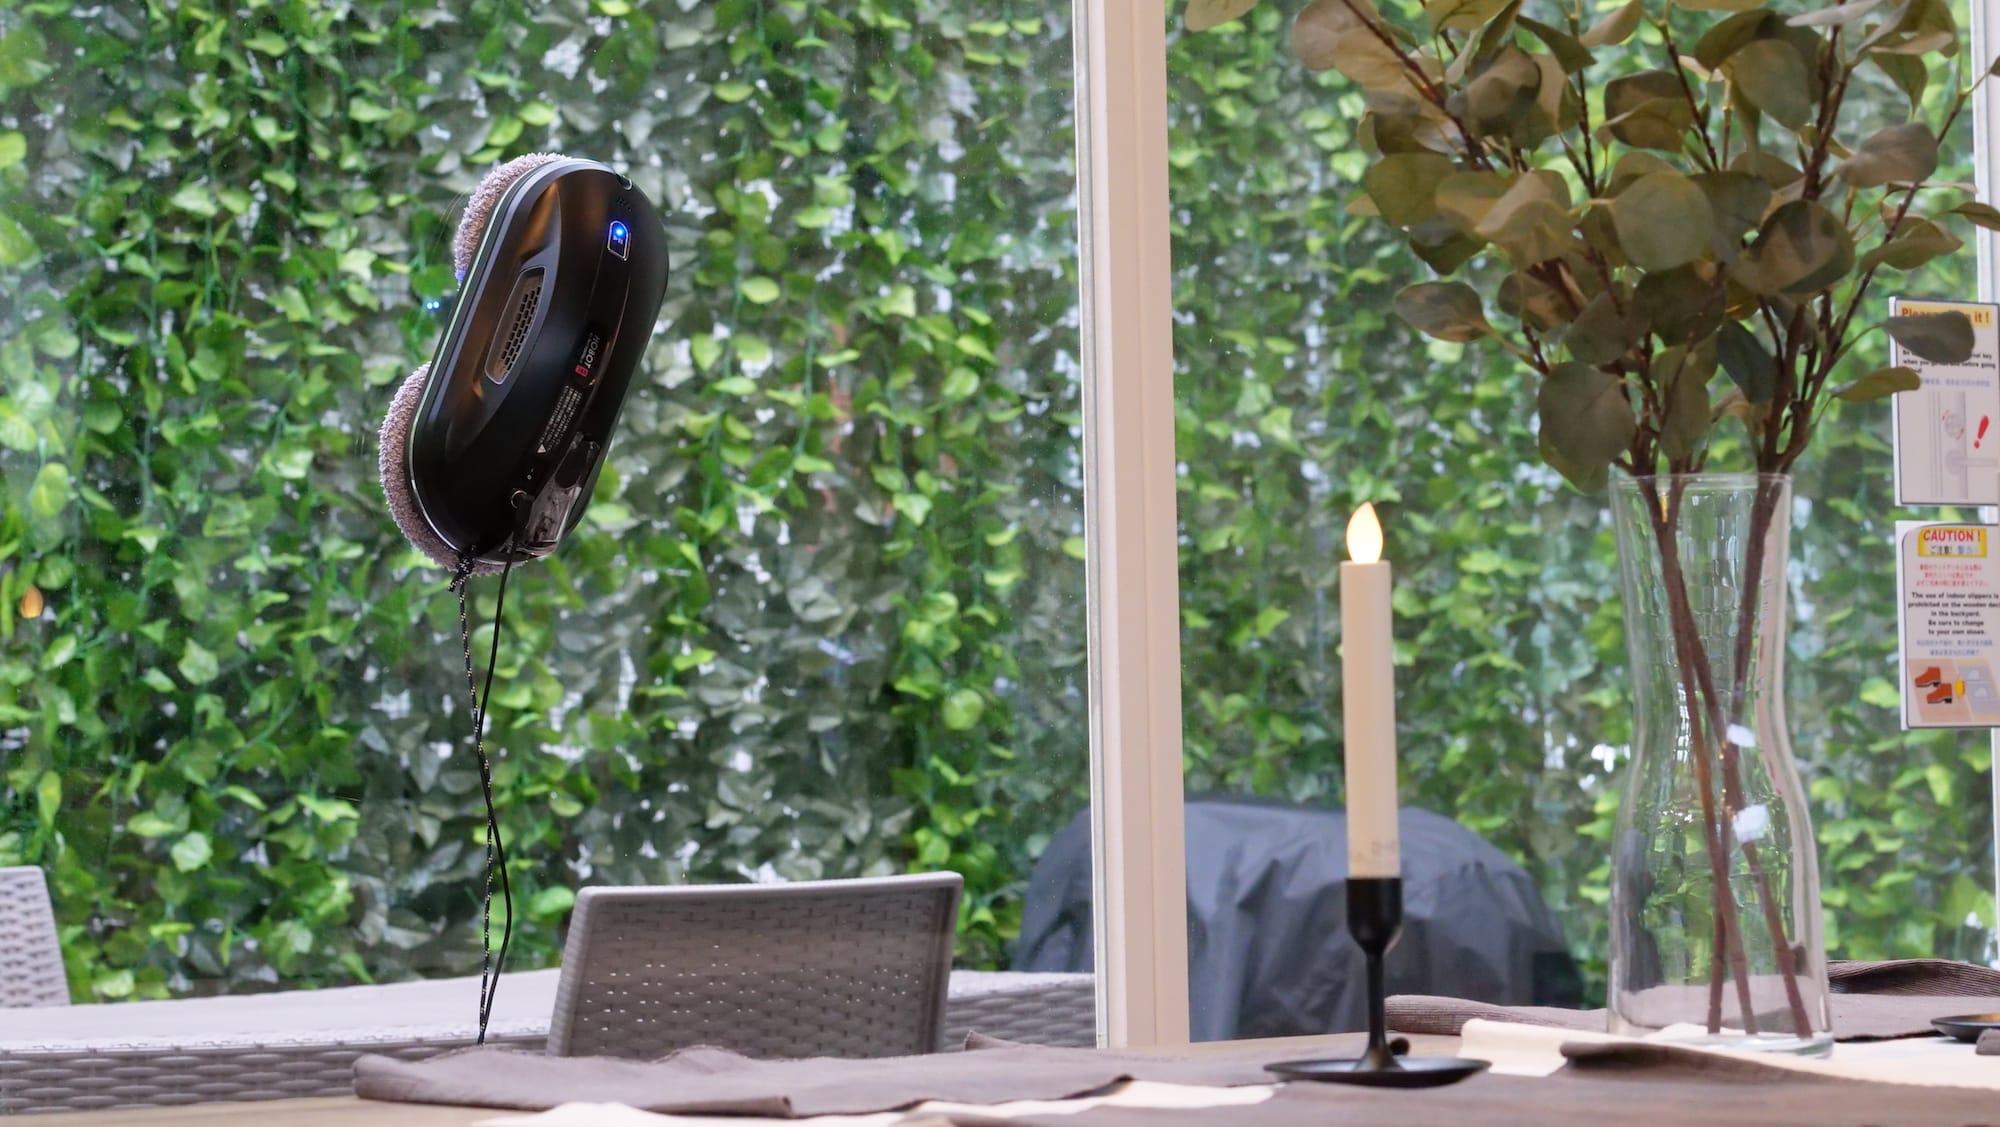 窓や壁に吸着して乾拭き・水拭き掃除する窓ふきロボット「HOBOT388」